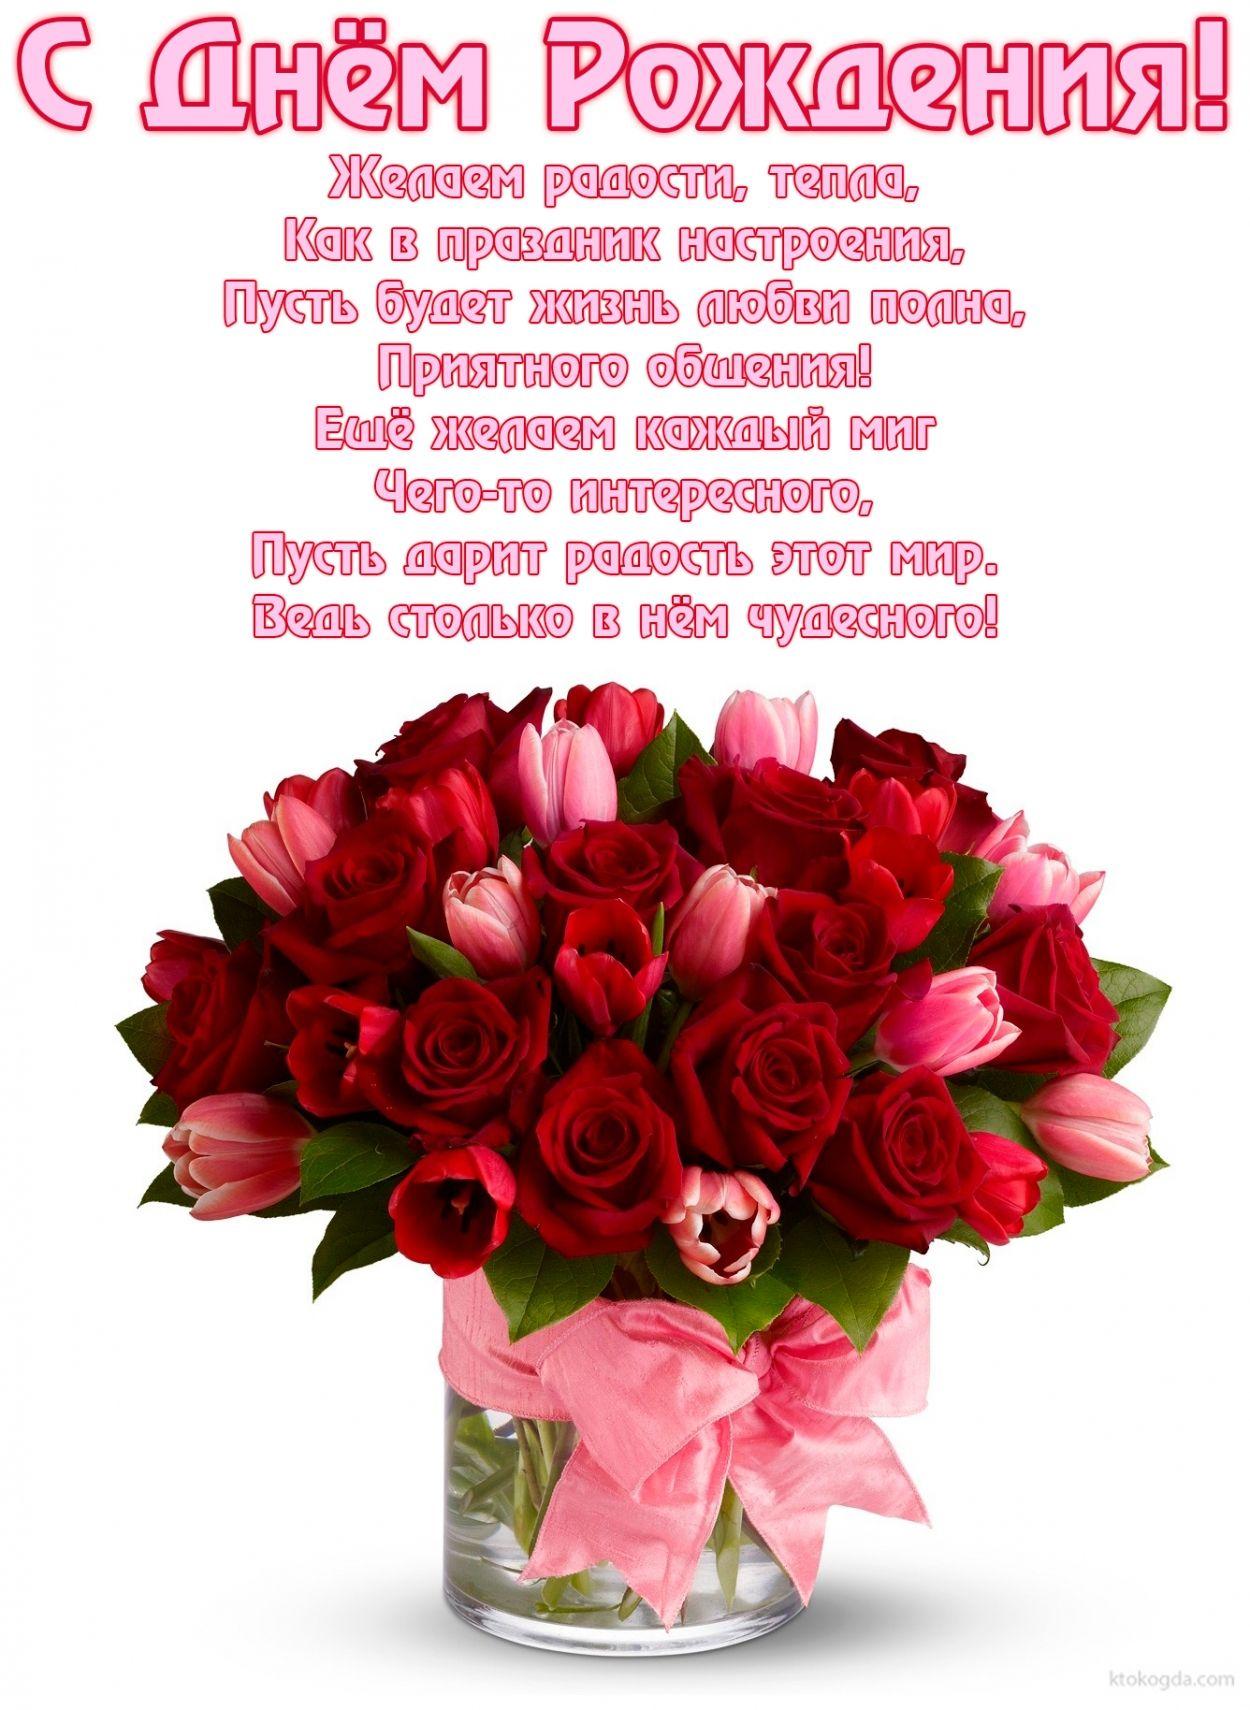 Днем, открытки с текстом к дню рождения женщине